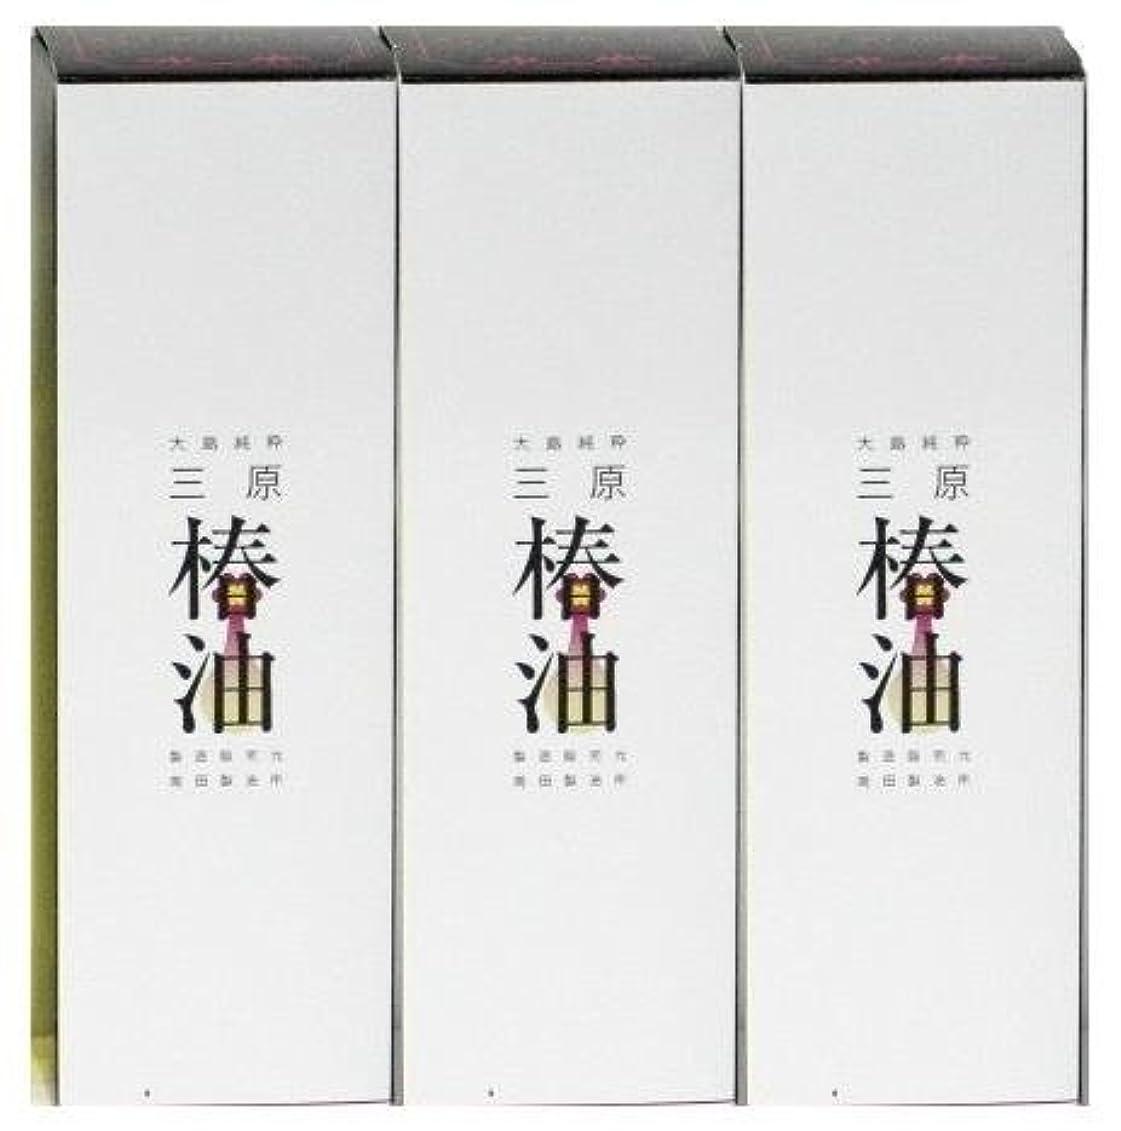 悪行刺激する有能な【伊豆大島のヤブ椿100%】大島純粋三原椿油 150mL×3個セット